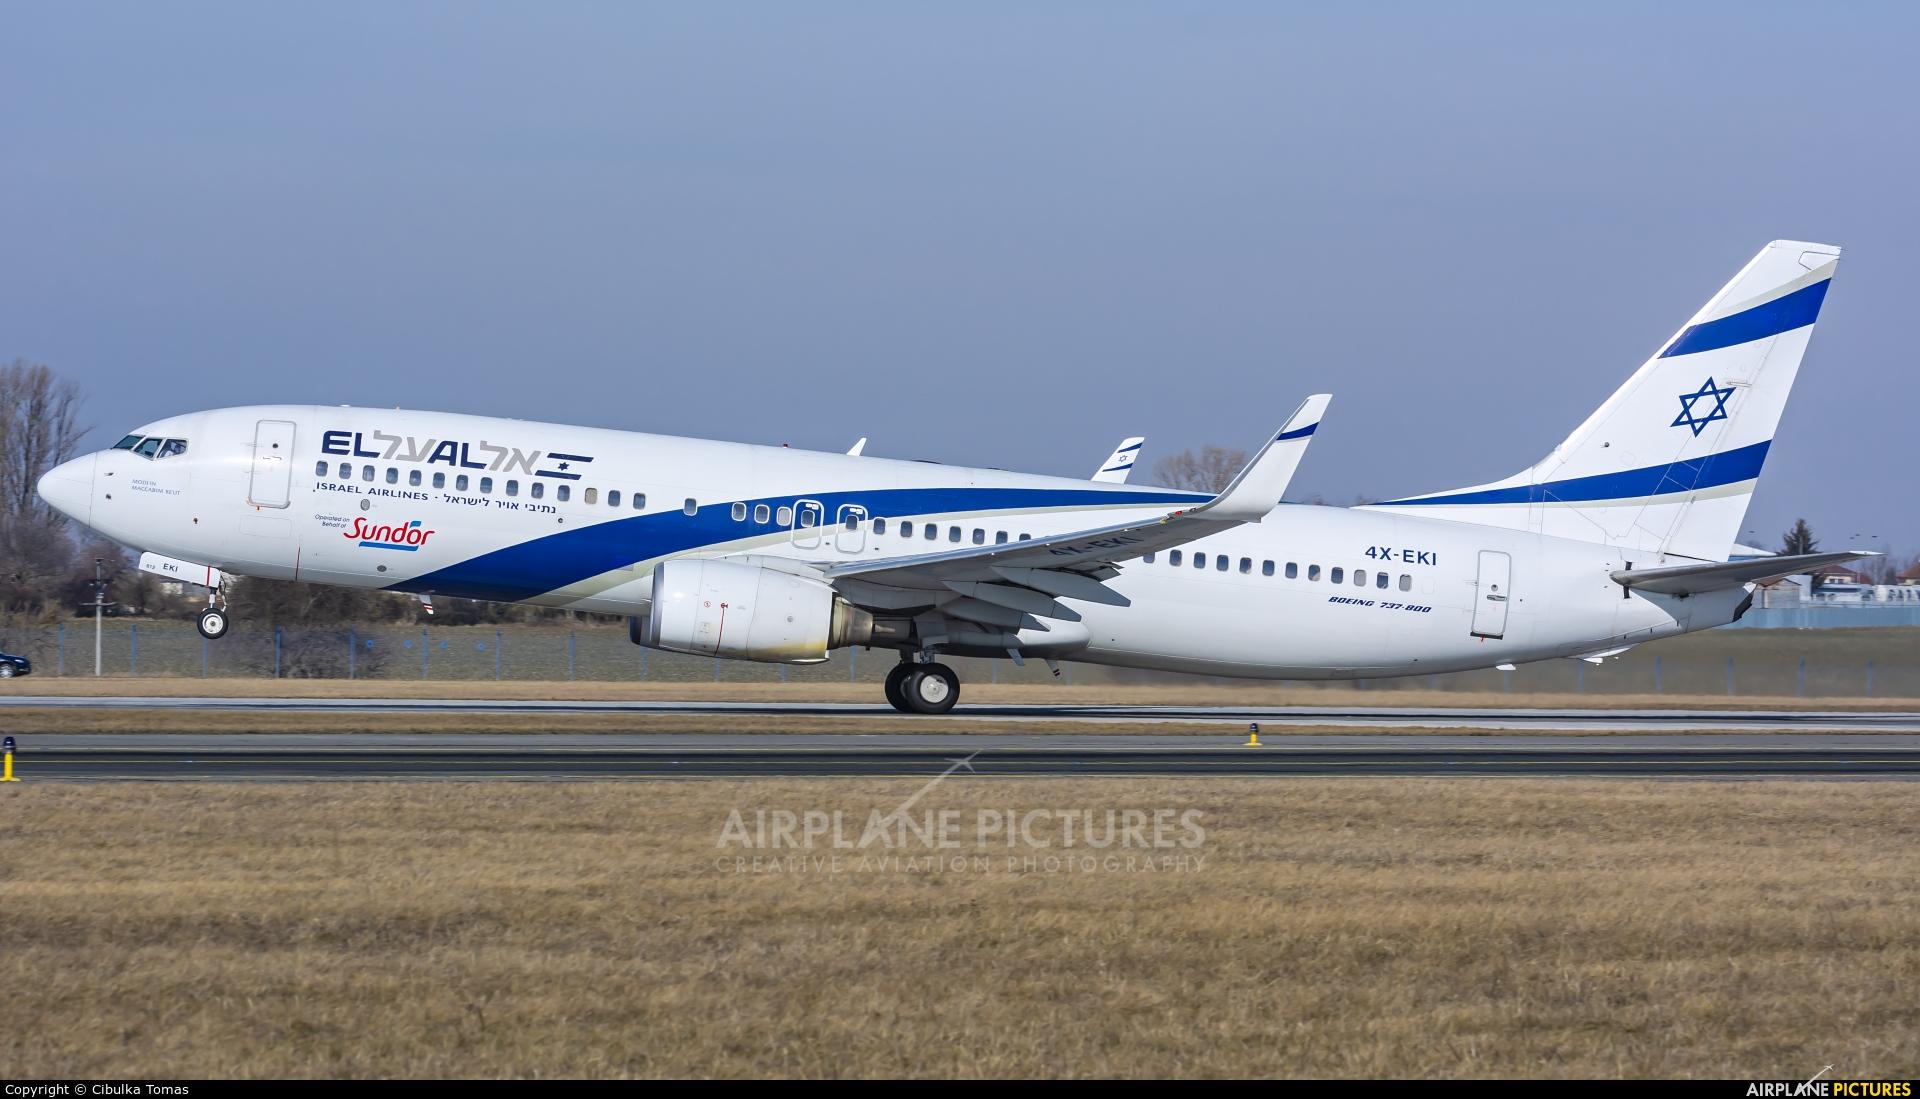 El Al Israel Airlines 4X-EKI aircraft at Prague - Václav Havel